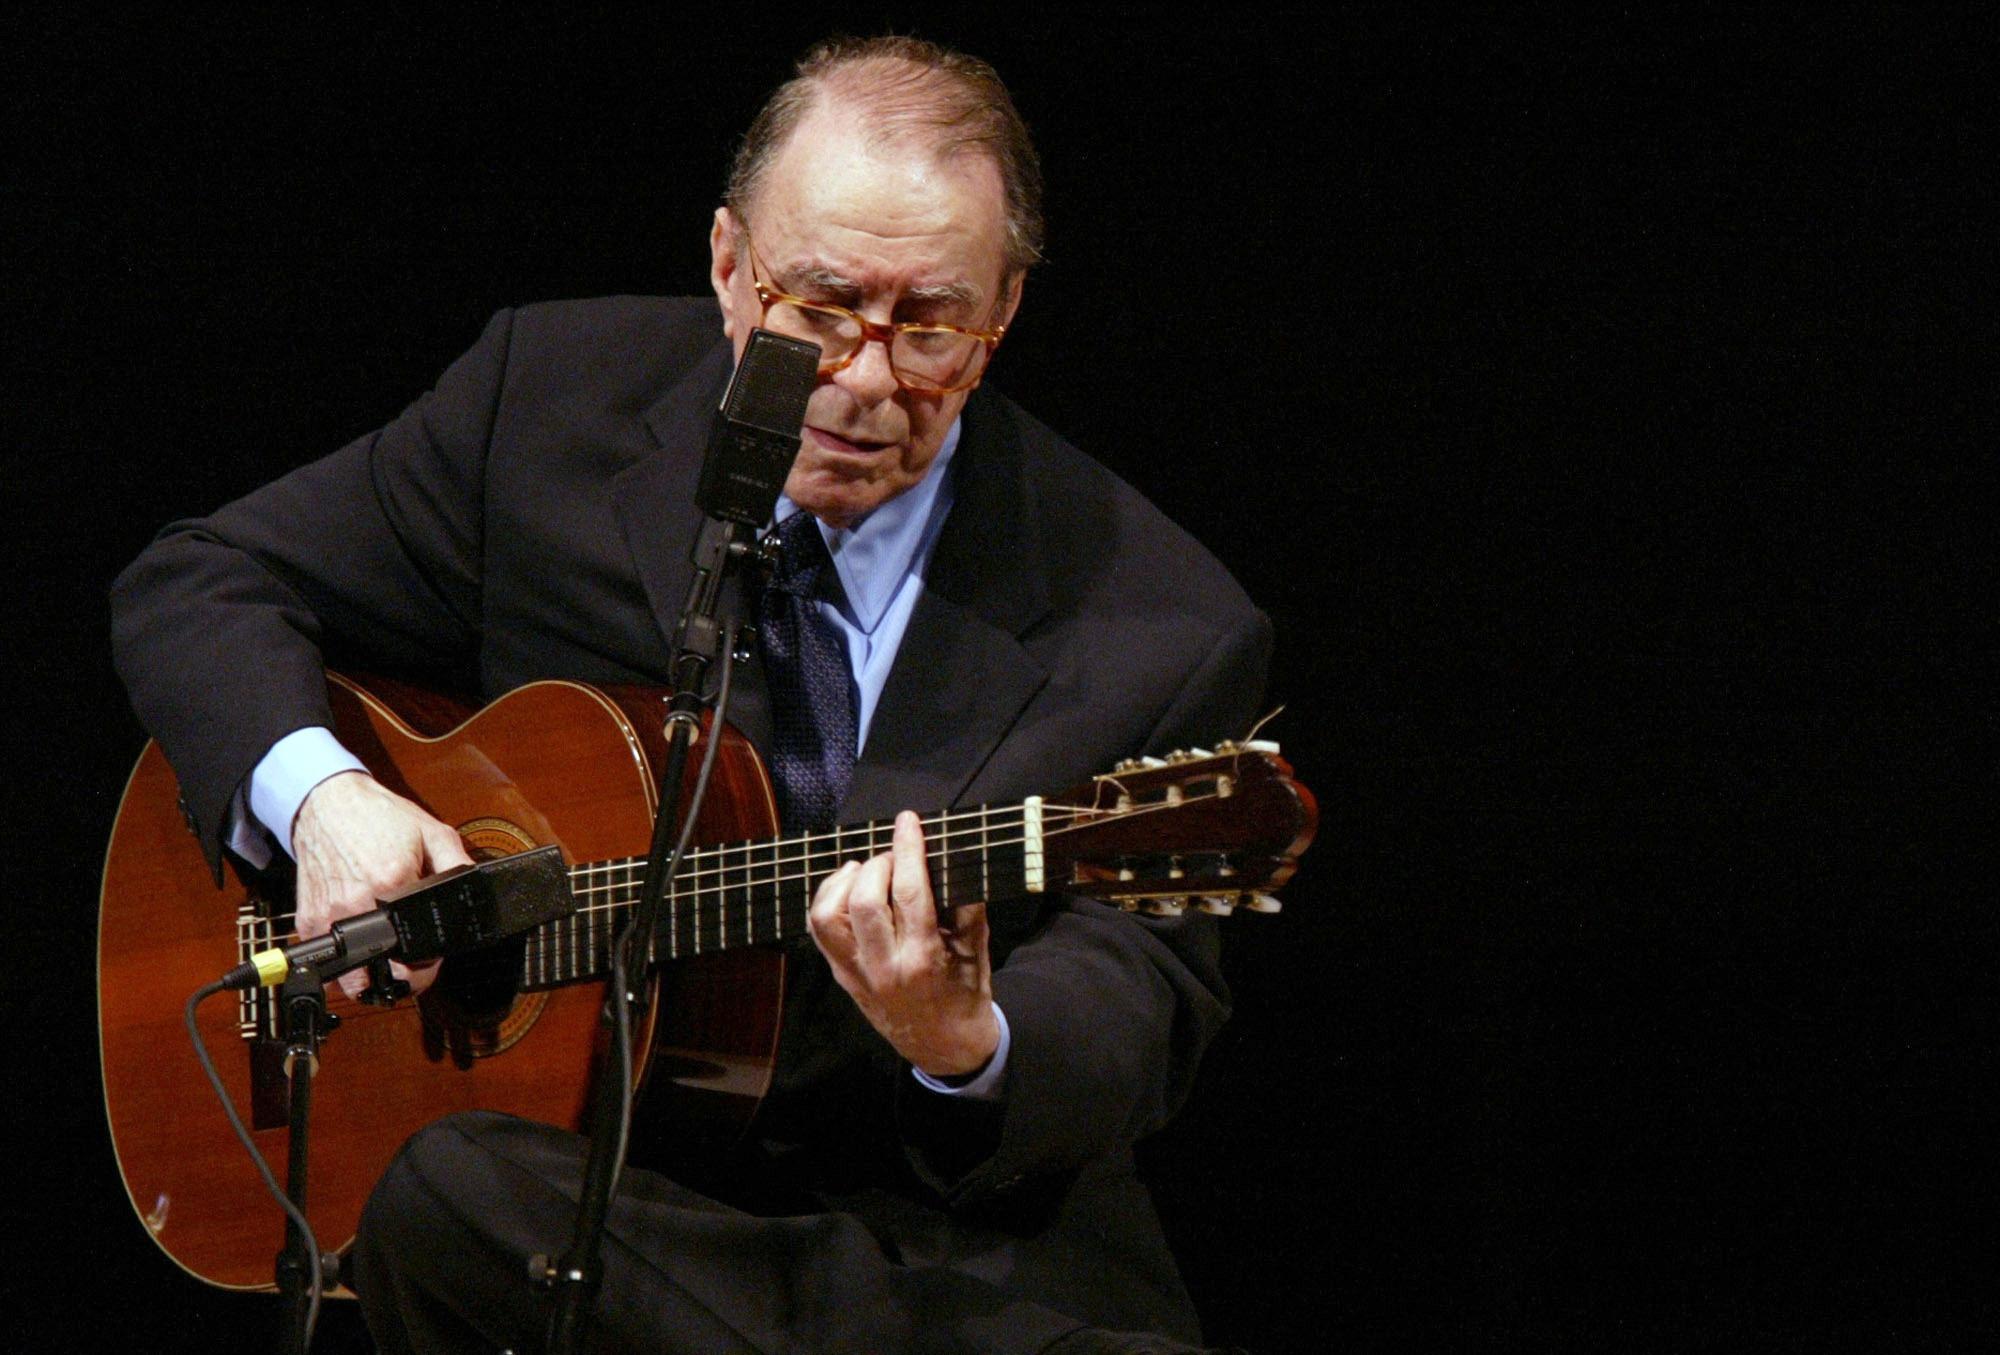 Fallece Joao Gilberto, padre de la Bossa Nova, a los 88 años